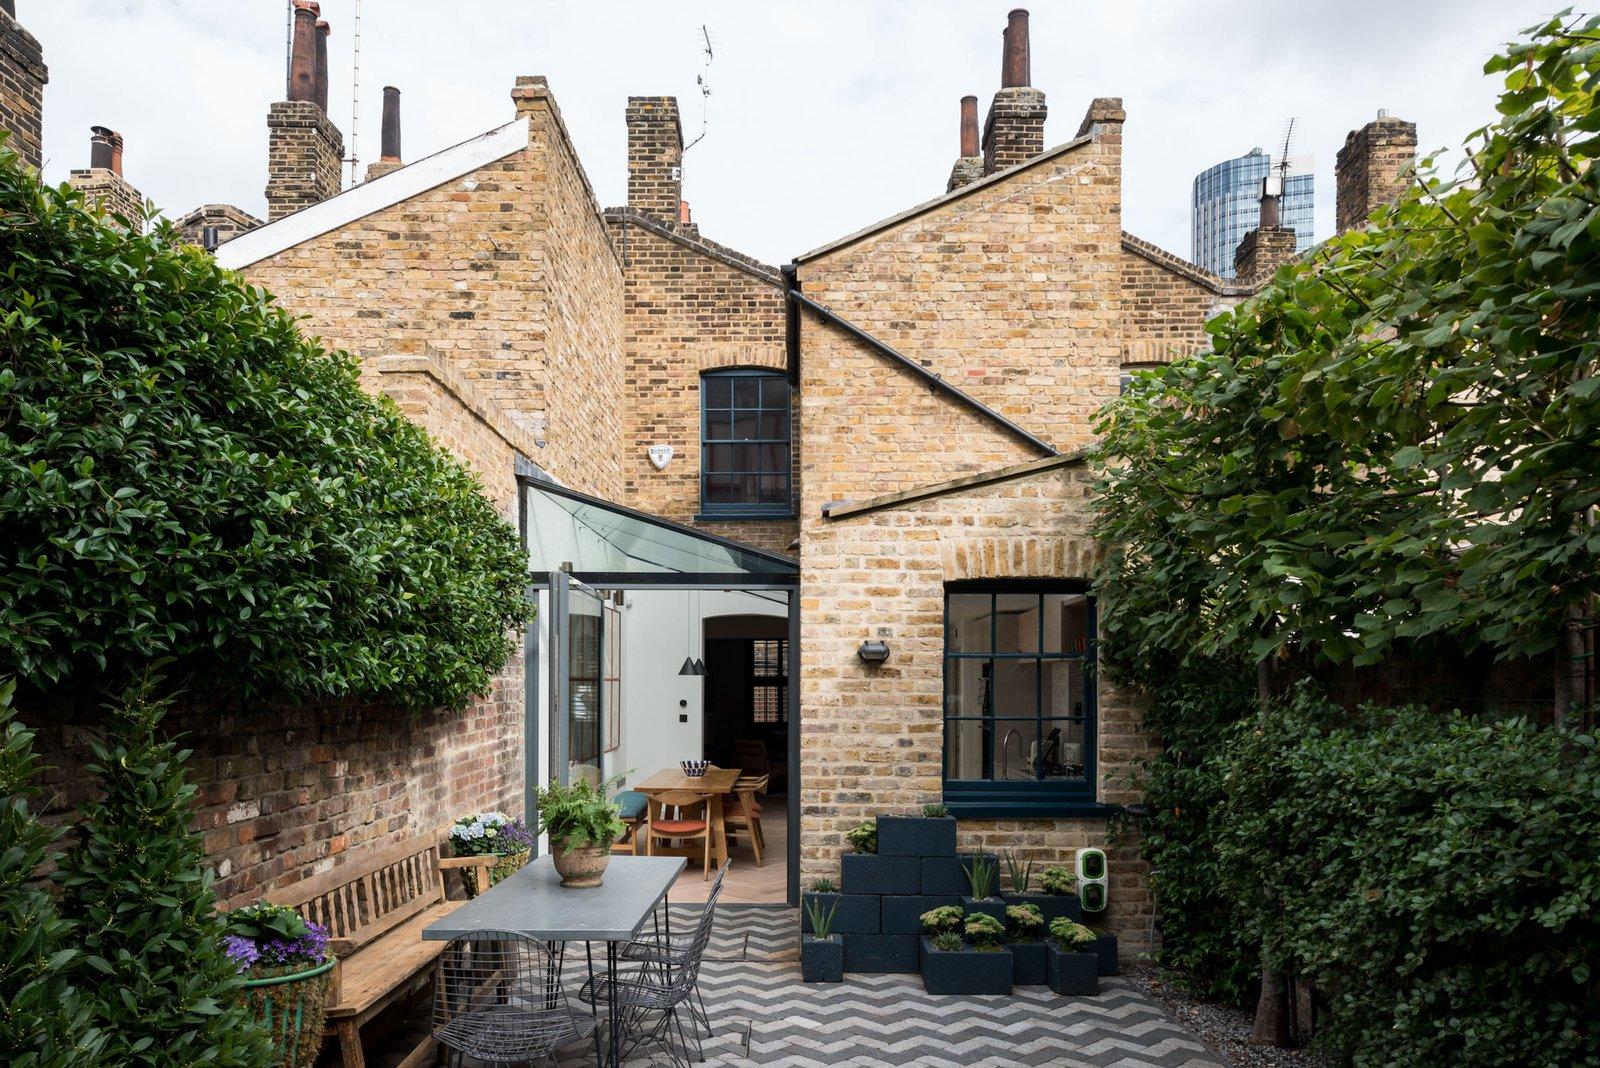 A Gorgeous Georgian-Era Dwelling in London Asks $2.2M